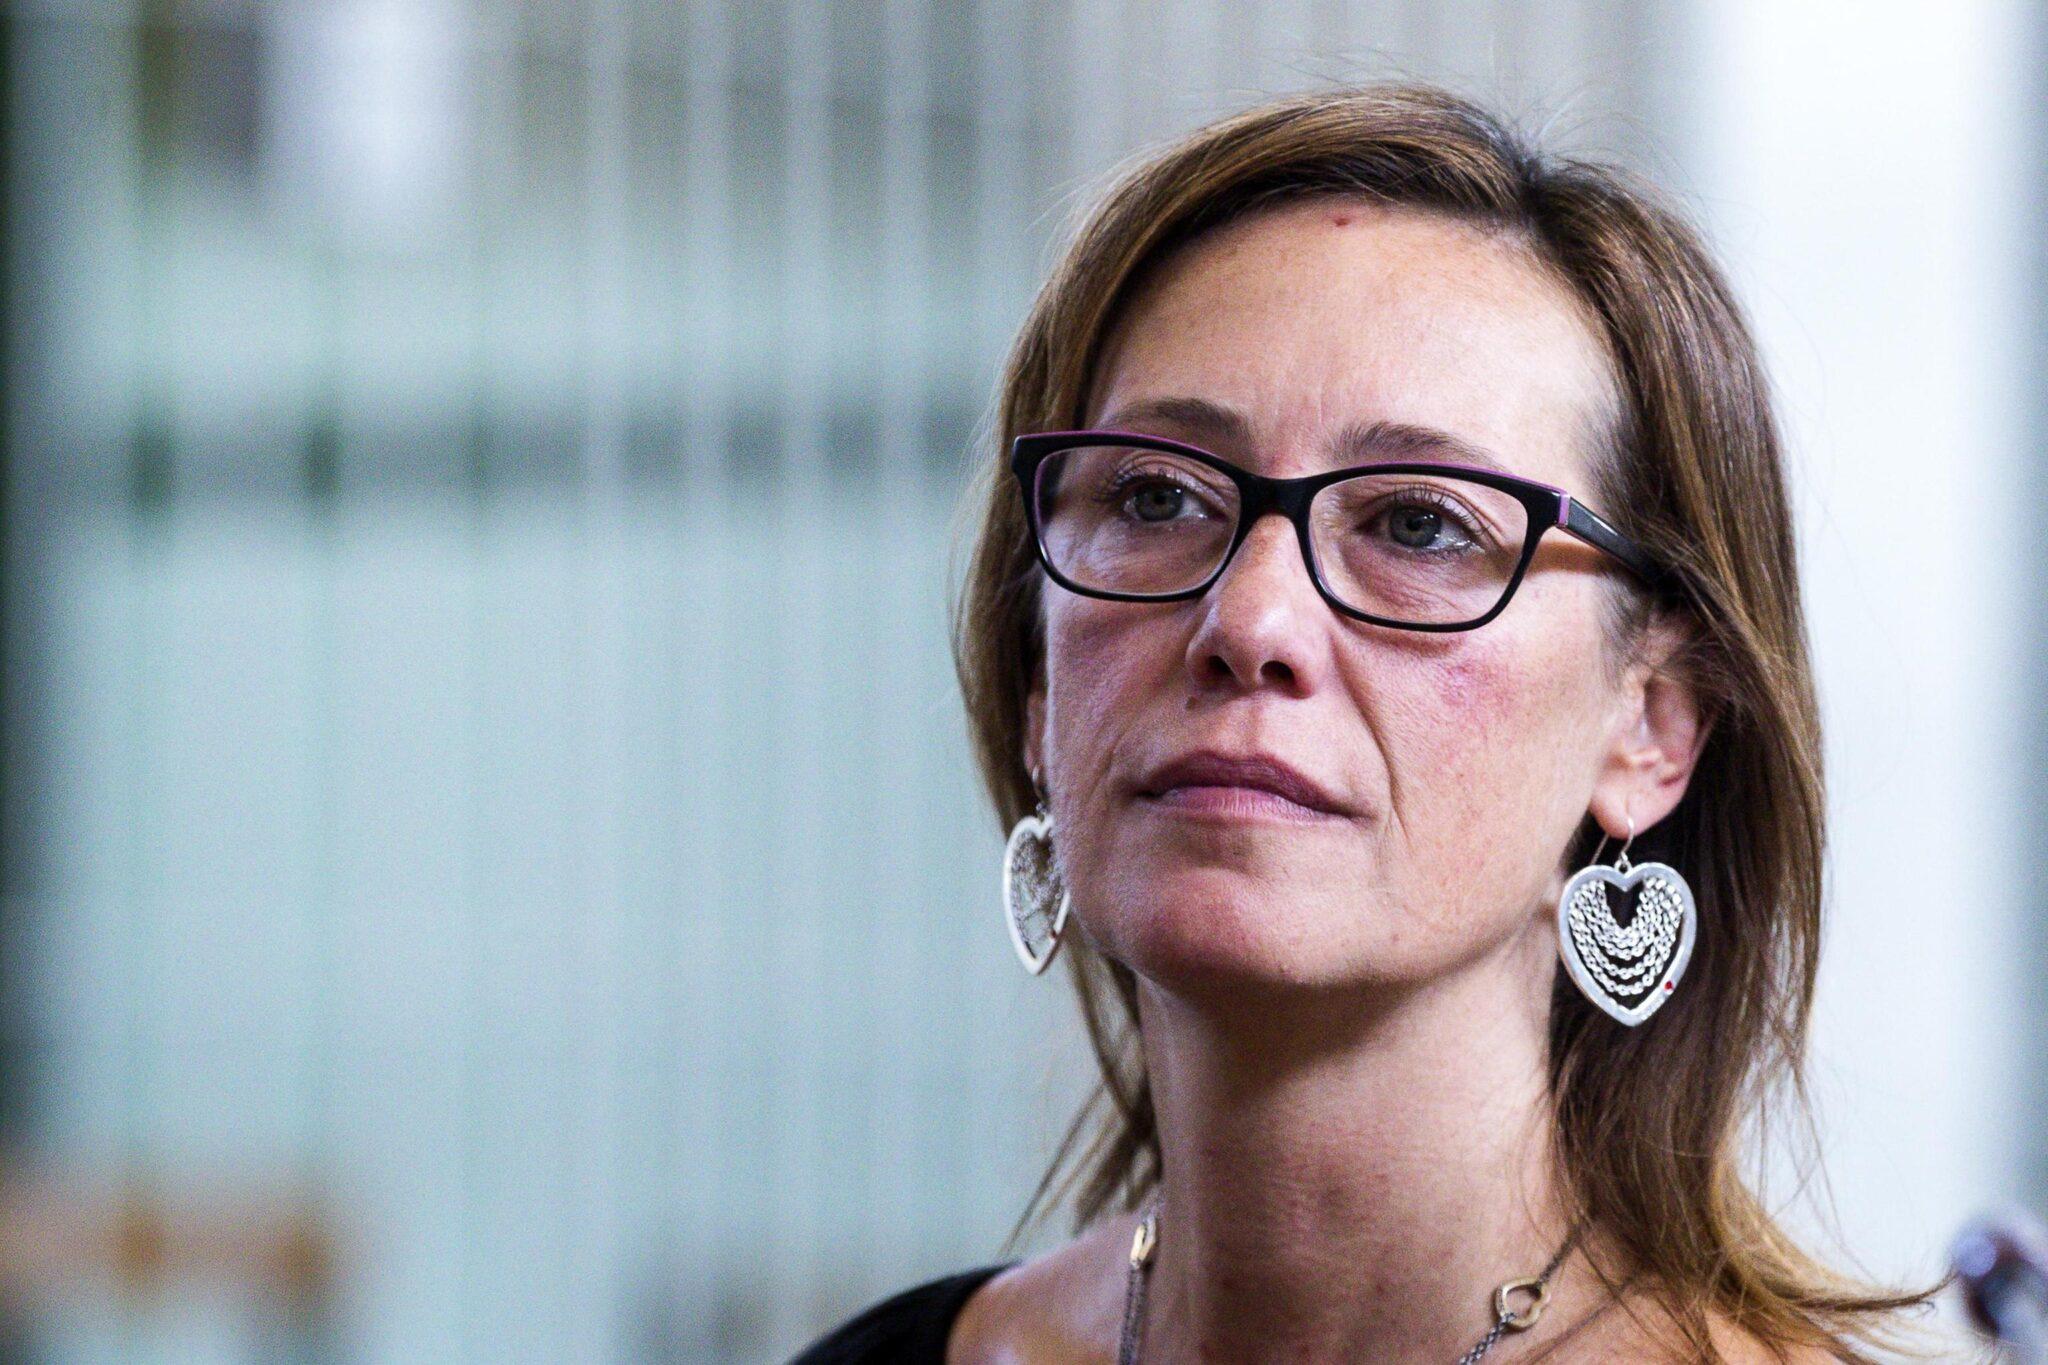 La politica dei riciclati: Ilaria Cucchi pianifica la carriera nelle istituzioni, già tentata nel 2013 <br> Pure De Falco si aggiudicò la poltrona dopo una tragedia